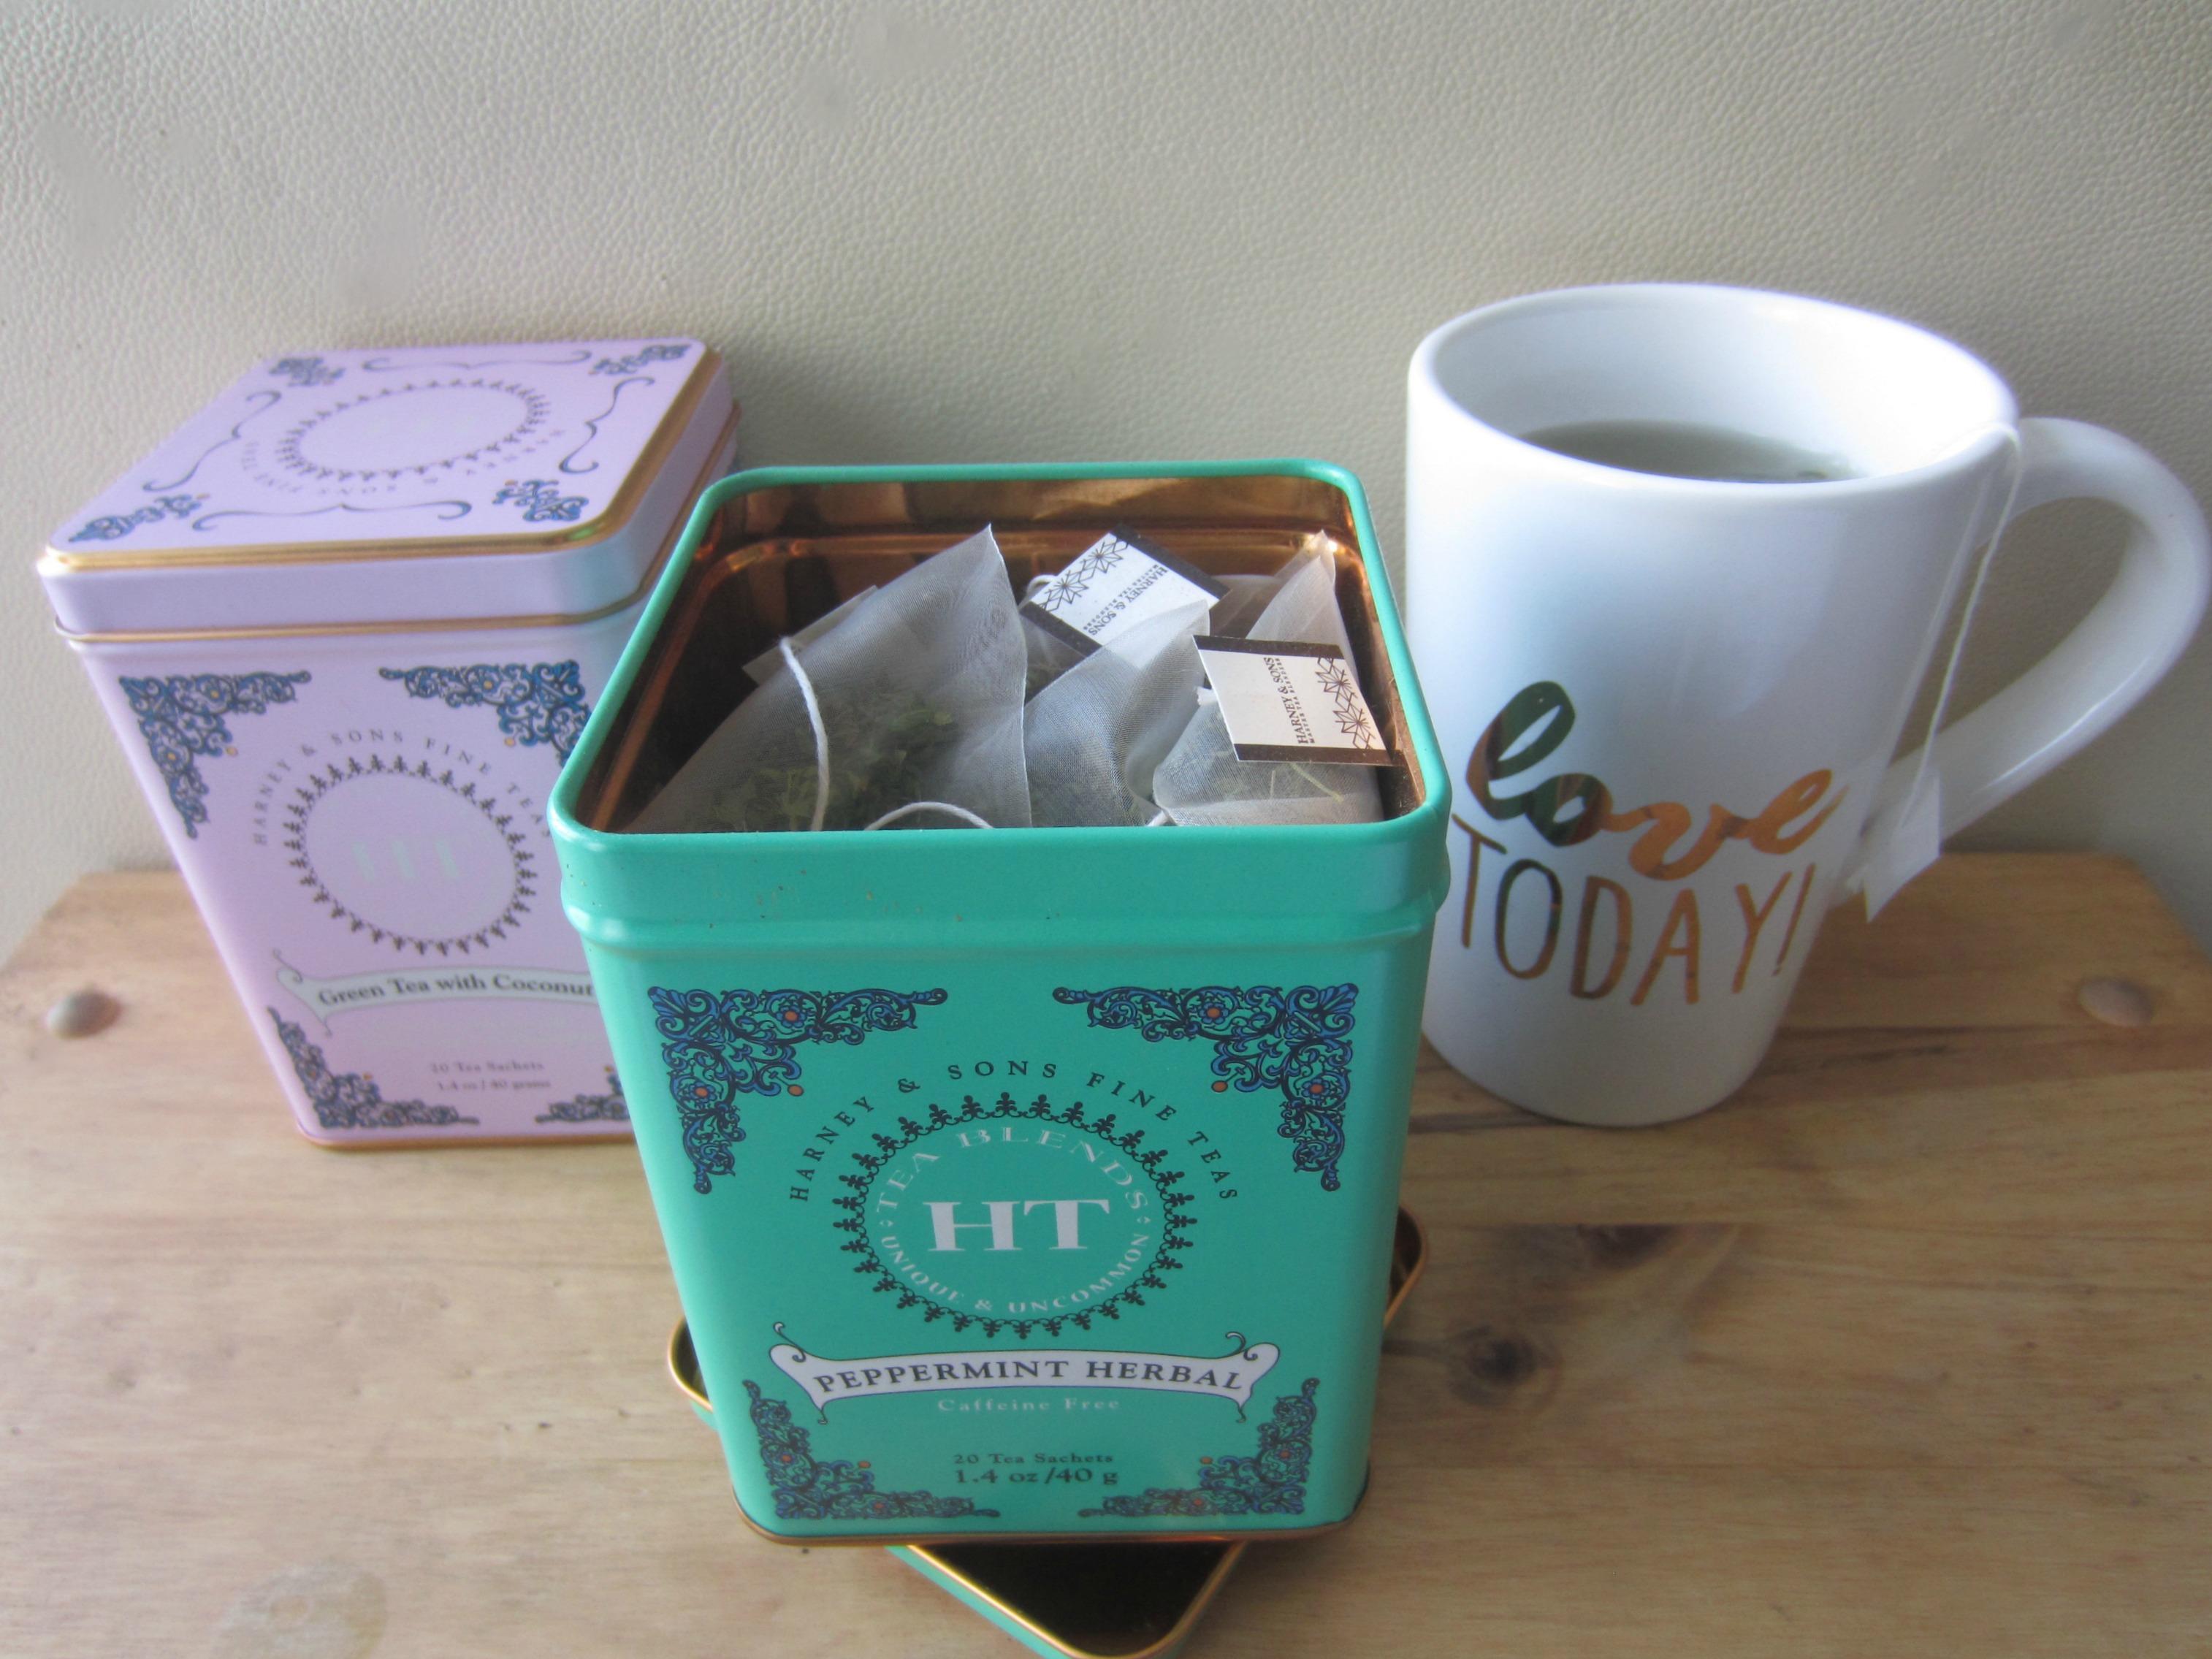 Harney & Sons teas